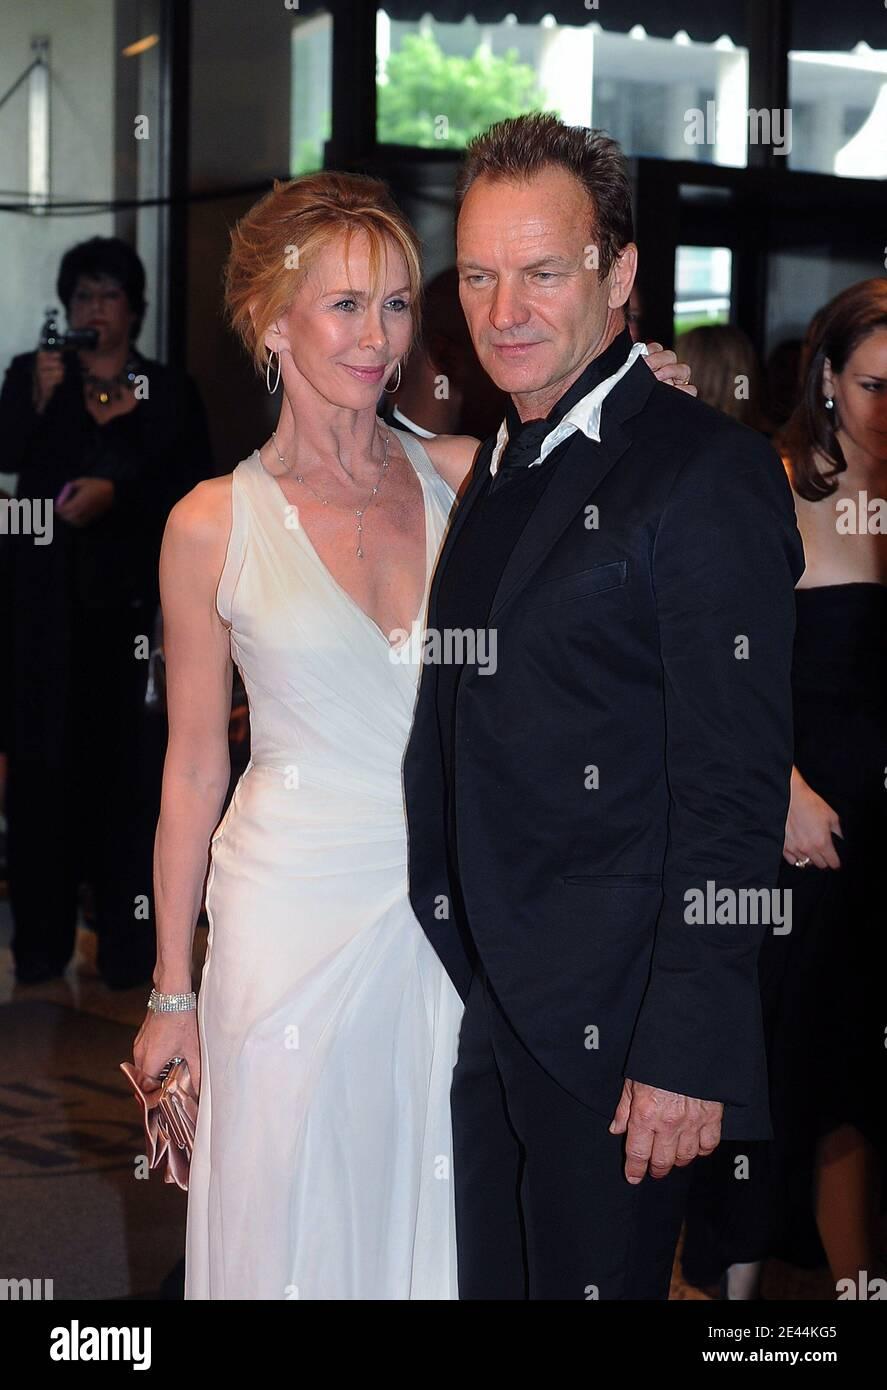 El cantante Sting y su esposa Trudie Styler asisten a la cena de los Corresponsales de la Casa Blanca el 9 de mayo de 2009 en el Hotel Hilton en Washington, DC. EE.UU. Foto de Olivier Douliery/ABACAPRESS.COM Foto de stock